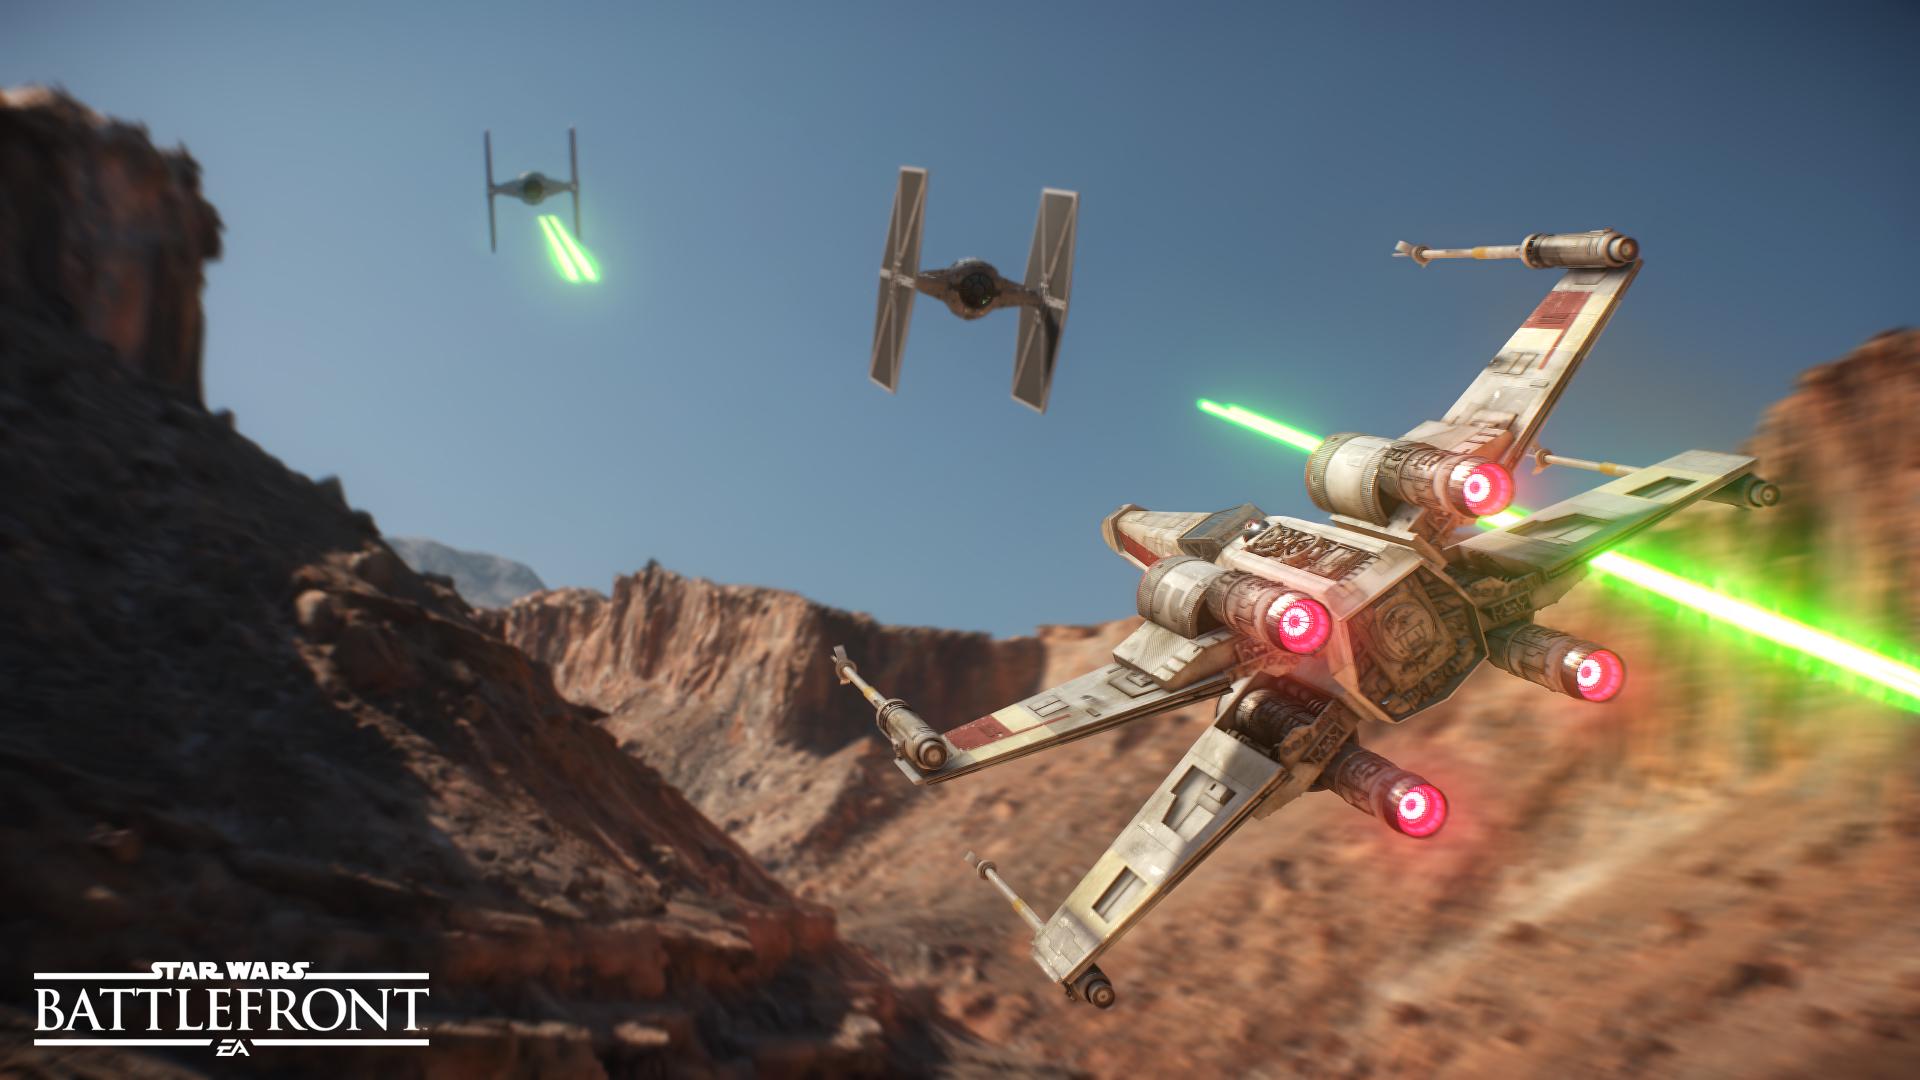 Star Wars Battlefront. X-wing versus Tie-fighter